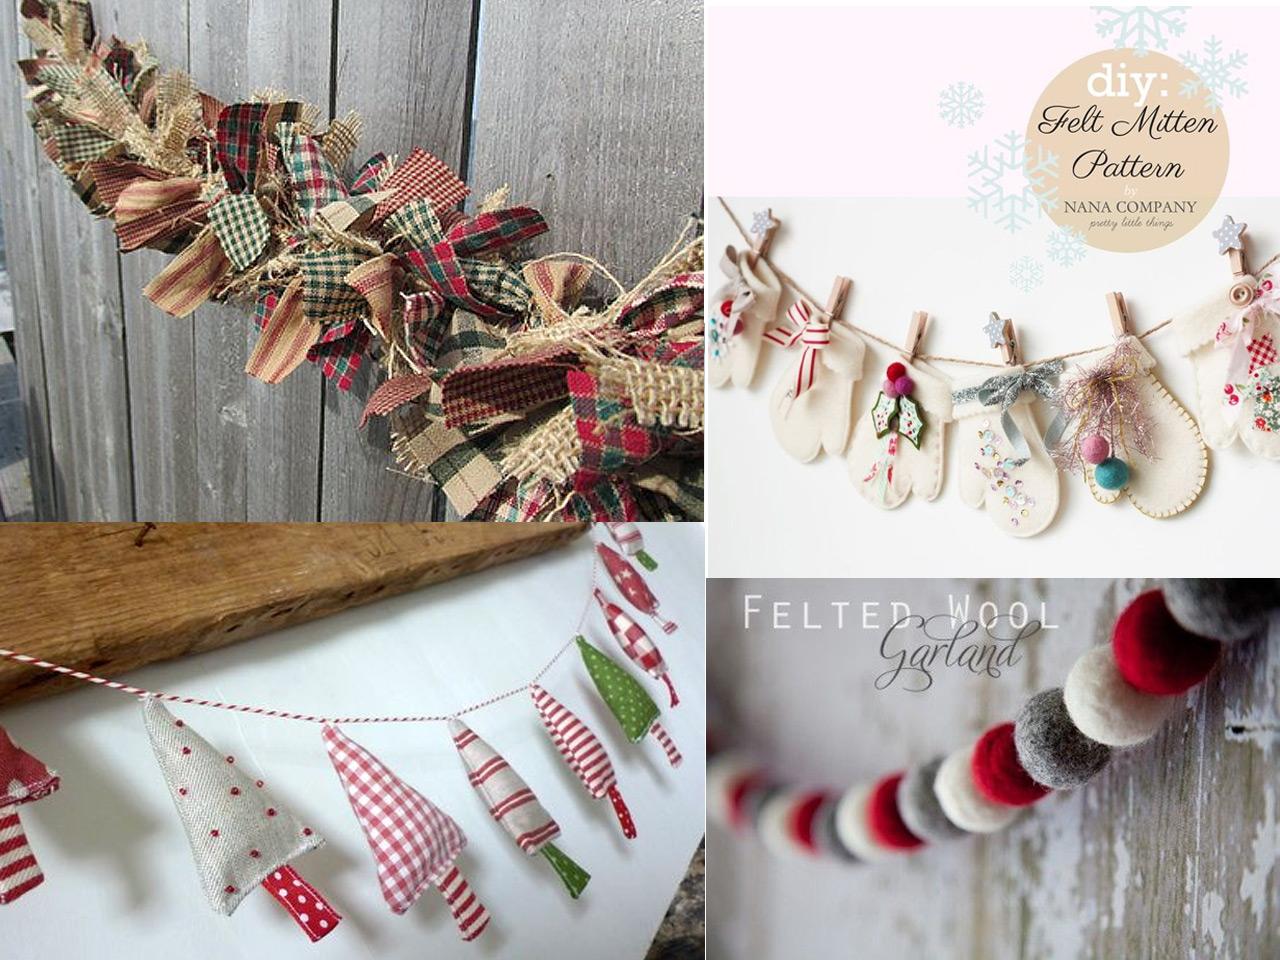 45 propuestas para una decoraci n navide a con telas - Ideas de decoracion navidena ...